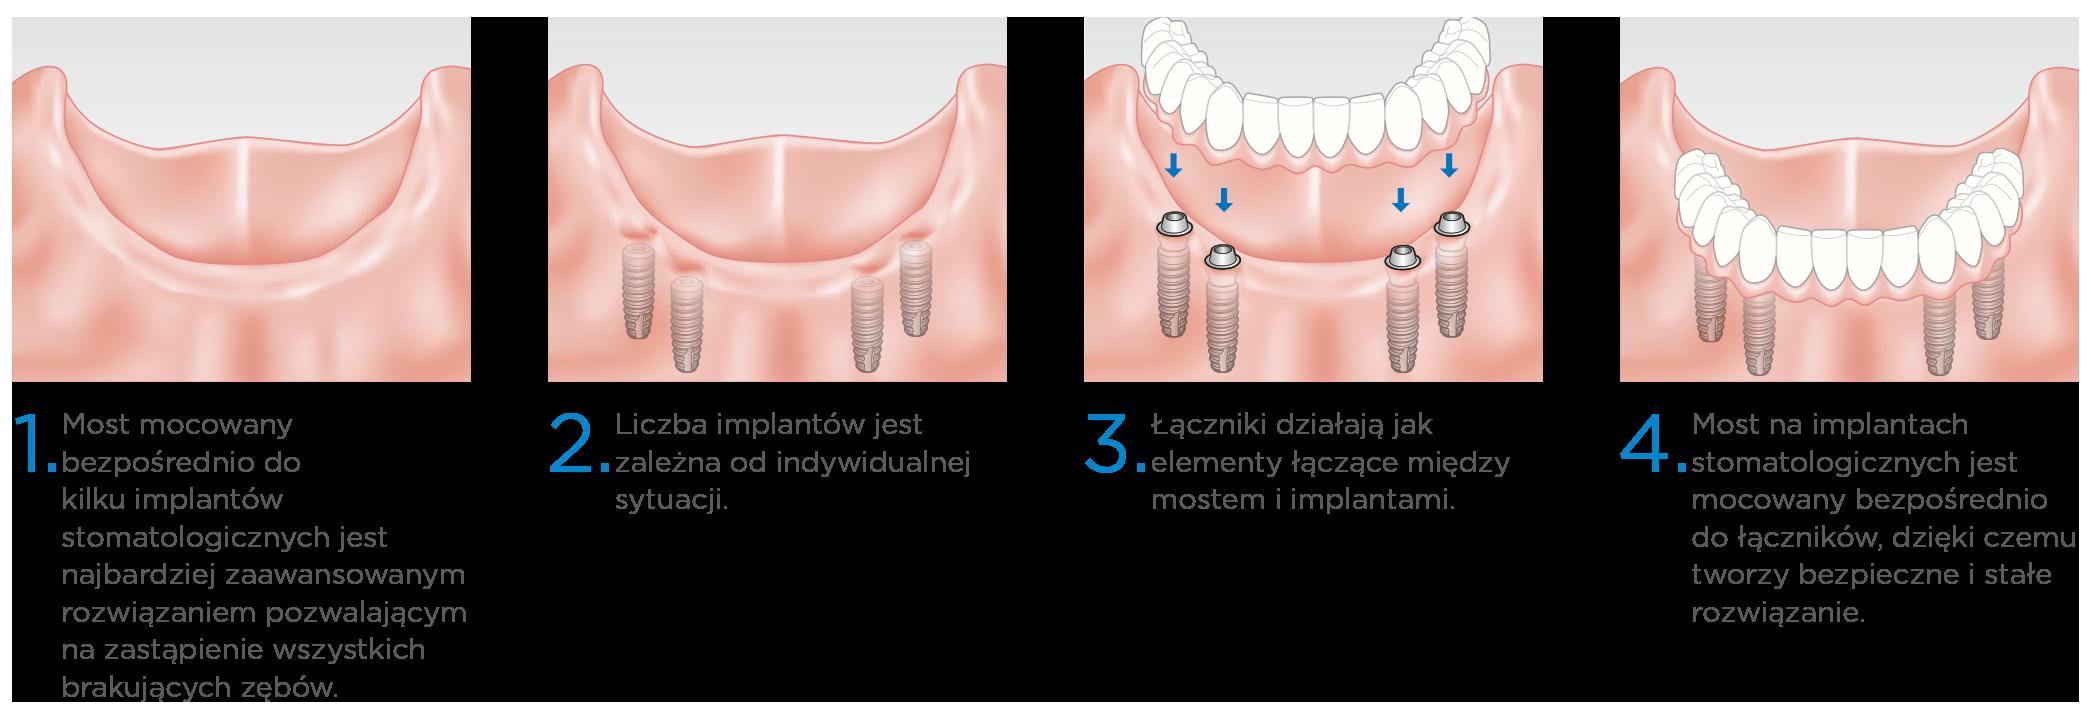 Prime Dental Implanty Most Na Wszystkich Zębach